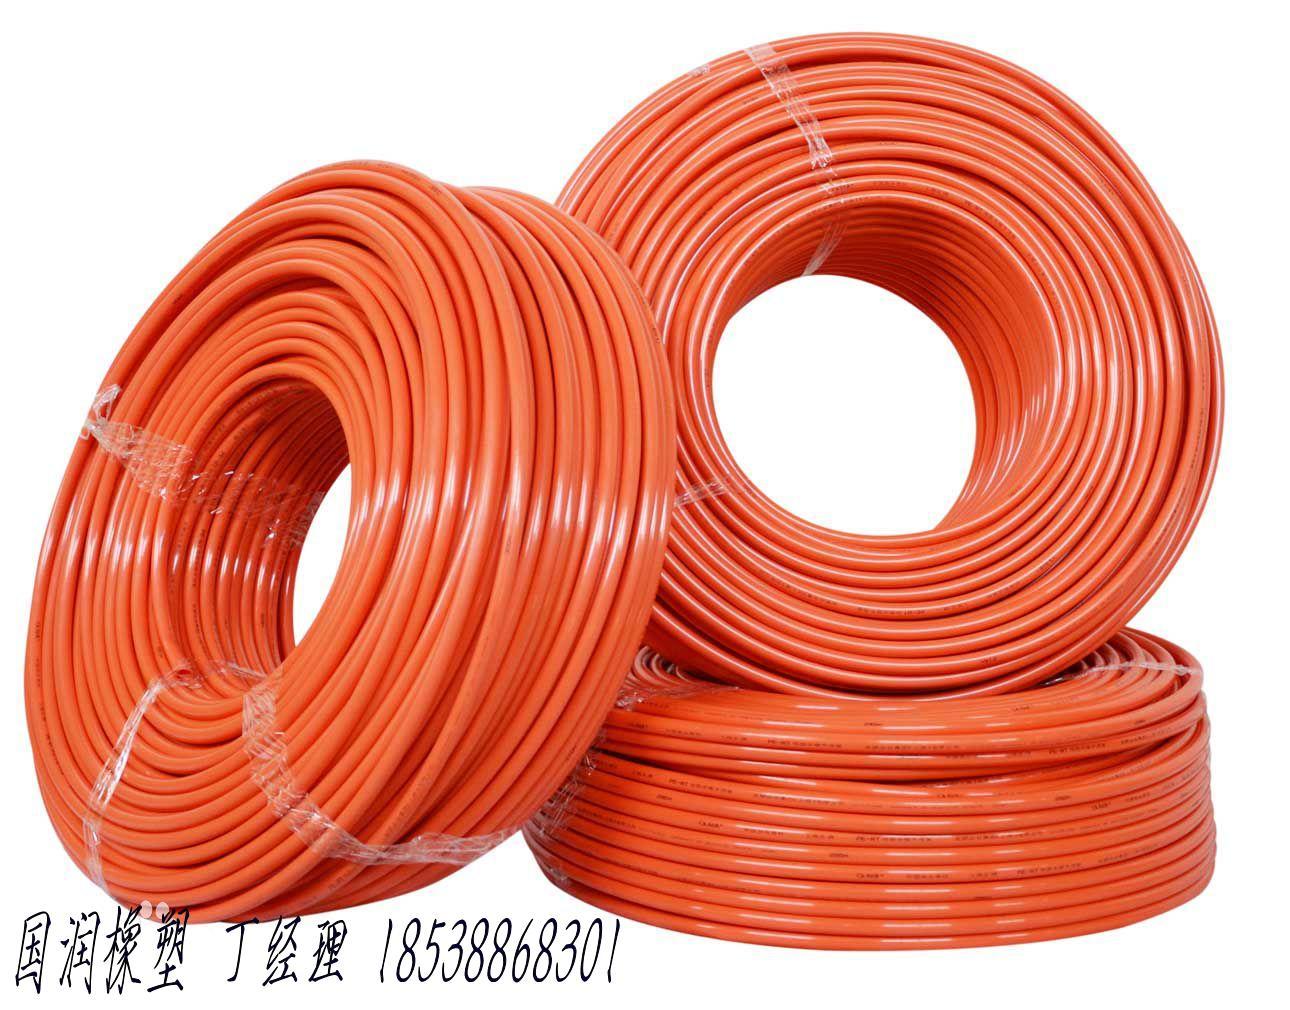 PE地暖管图片/PE地暖管样板图 (1)